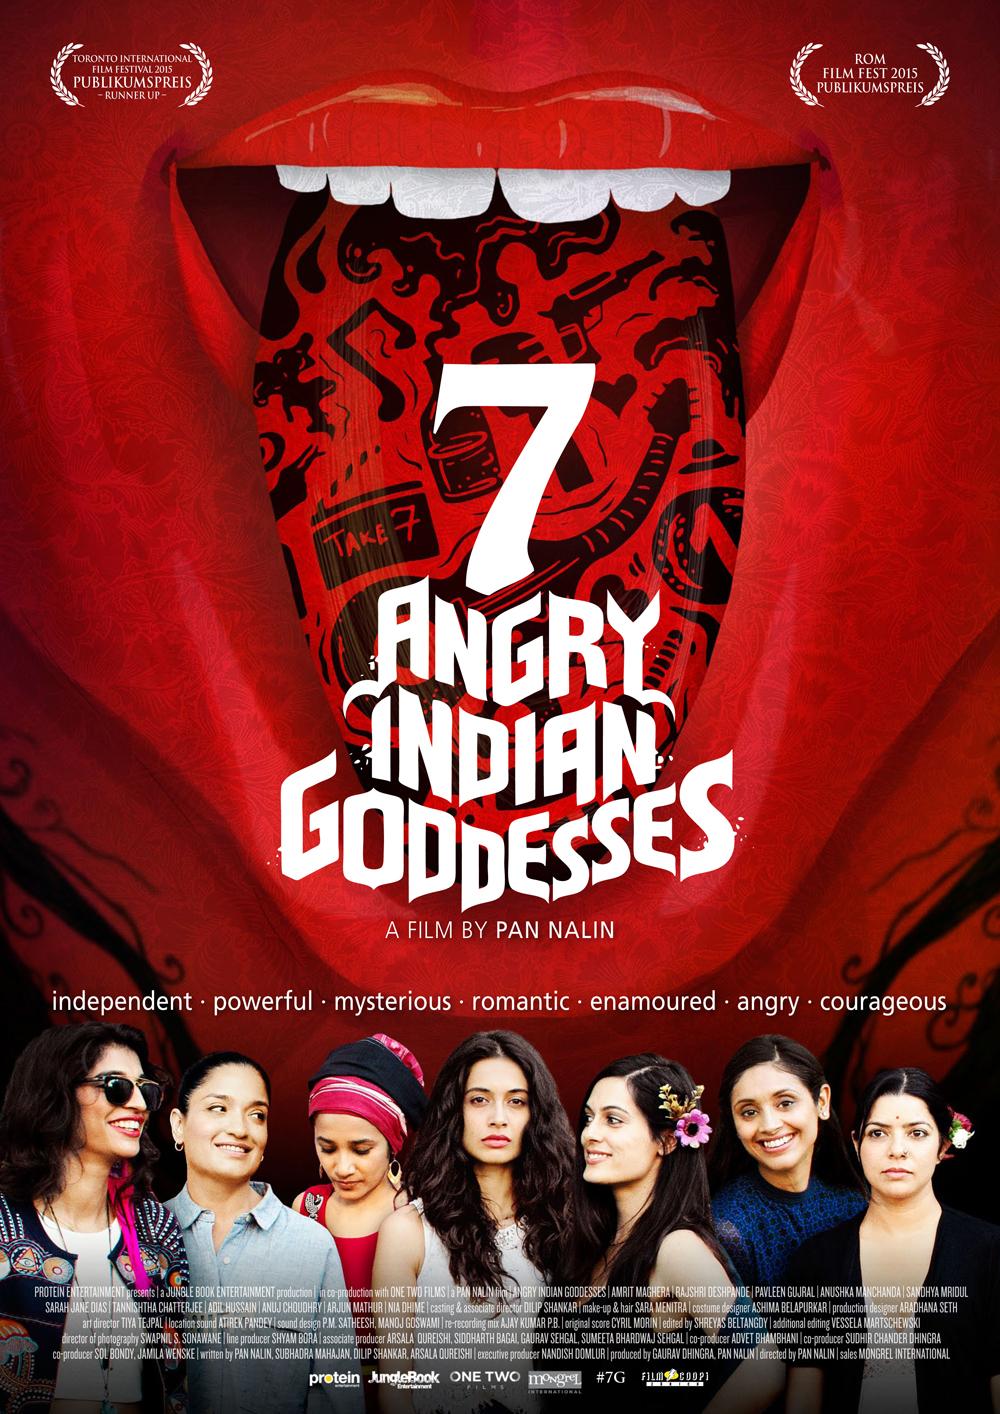 déesses indiennes-affiche-manifesto21